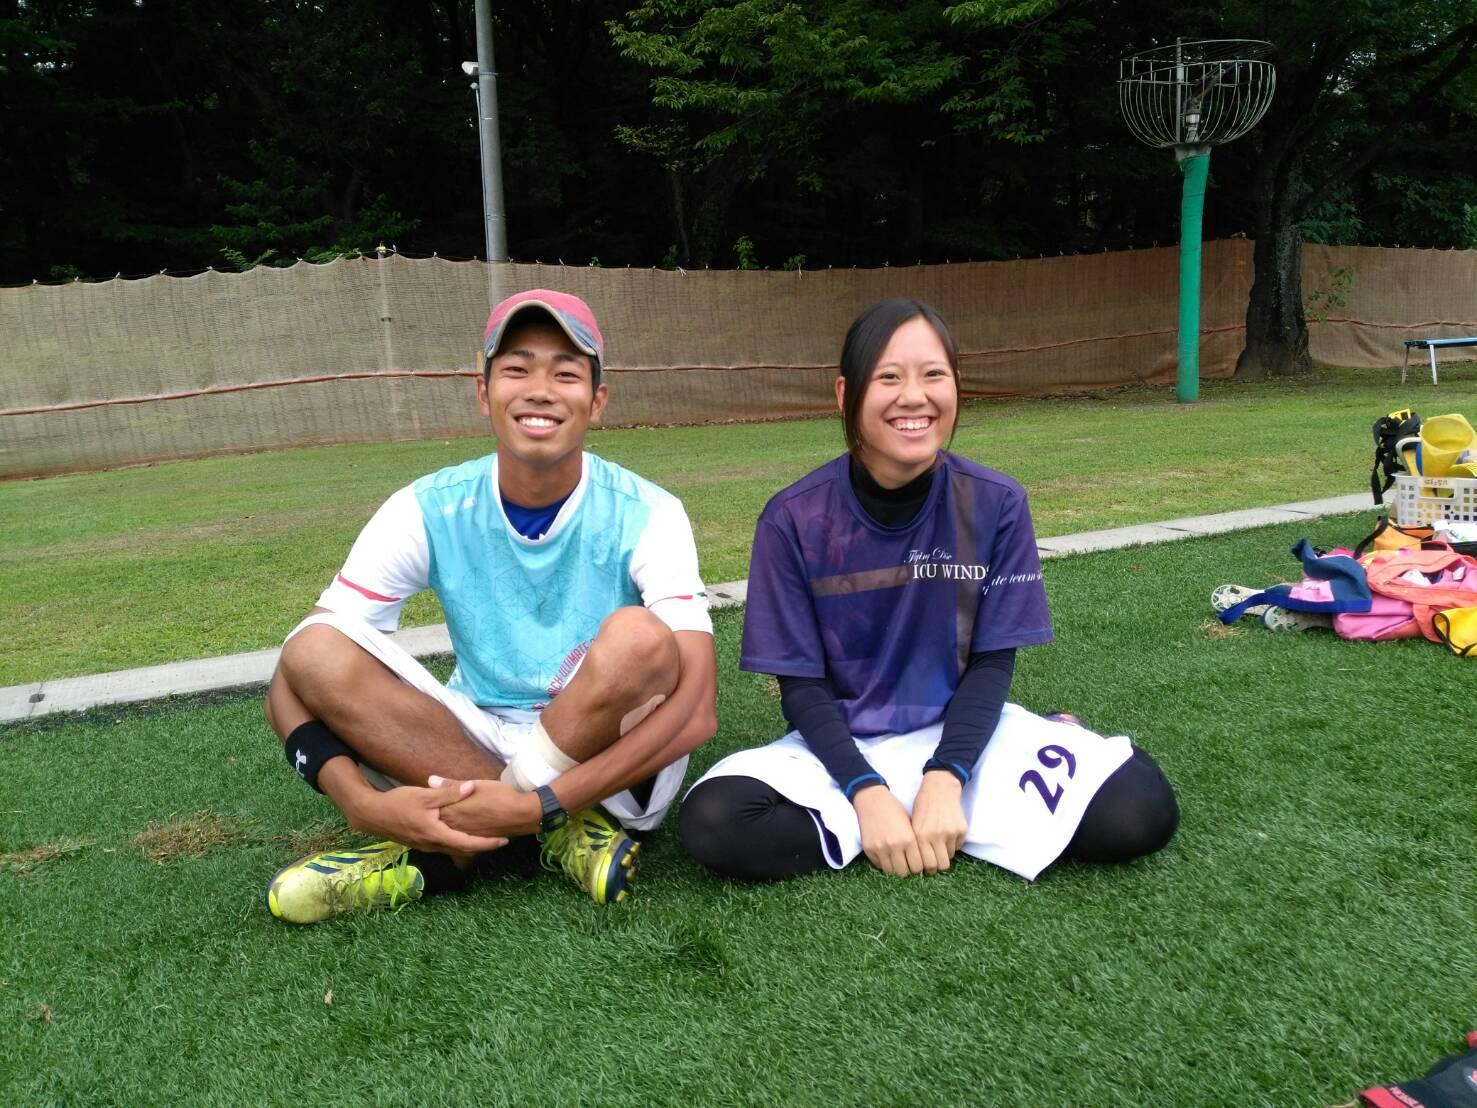 今回お話を伺ったICU WINDS の男子部の部長の中尾賢太郎さん(左)と女子部の部長の西矢奈々さん(右)